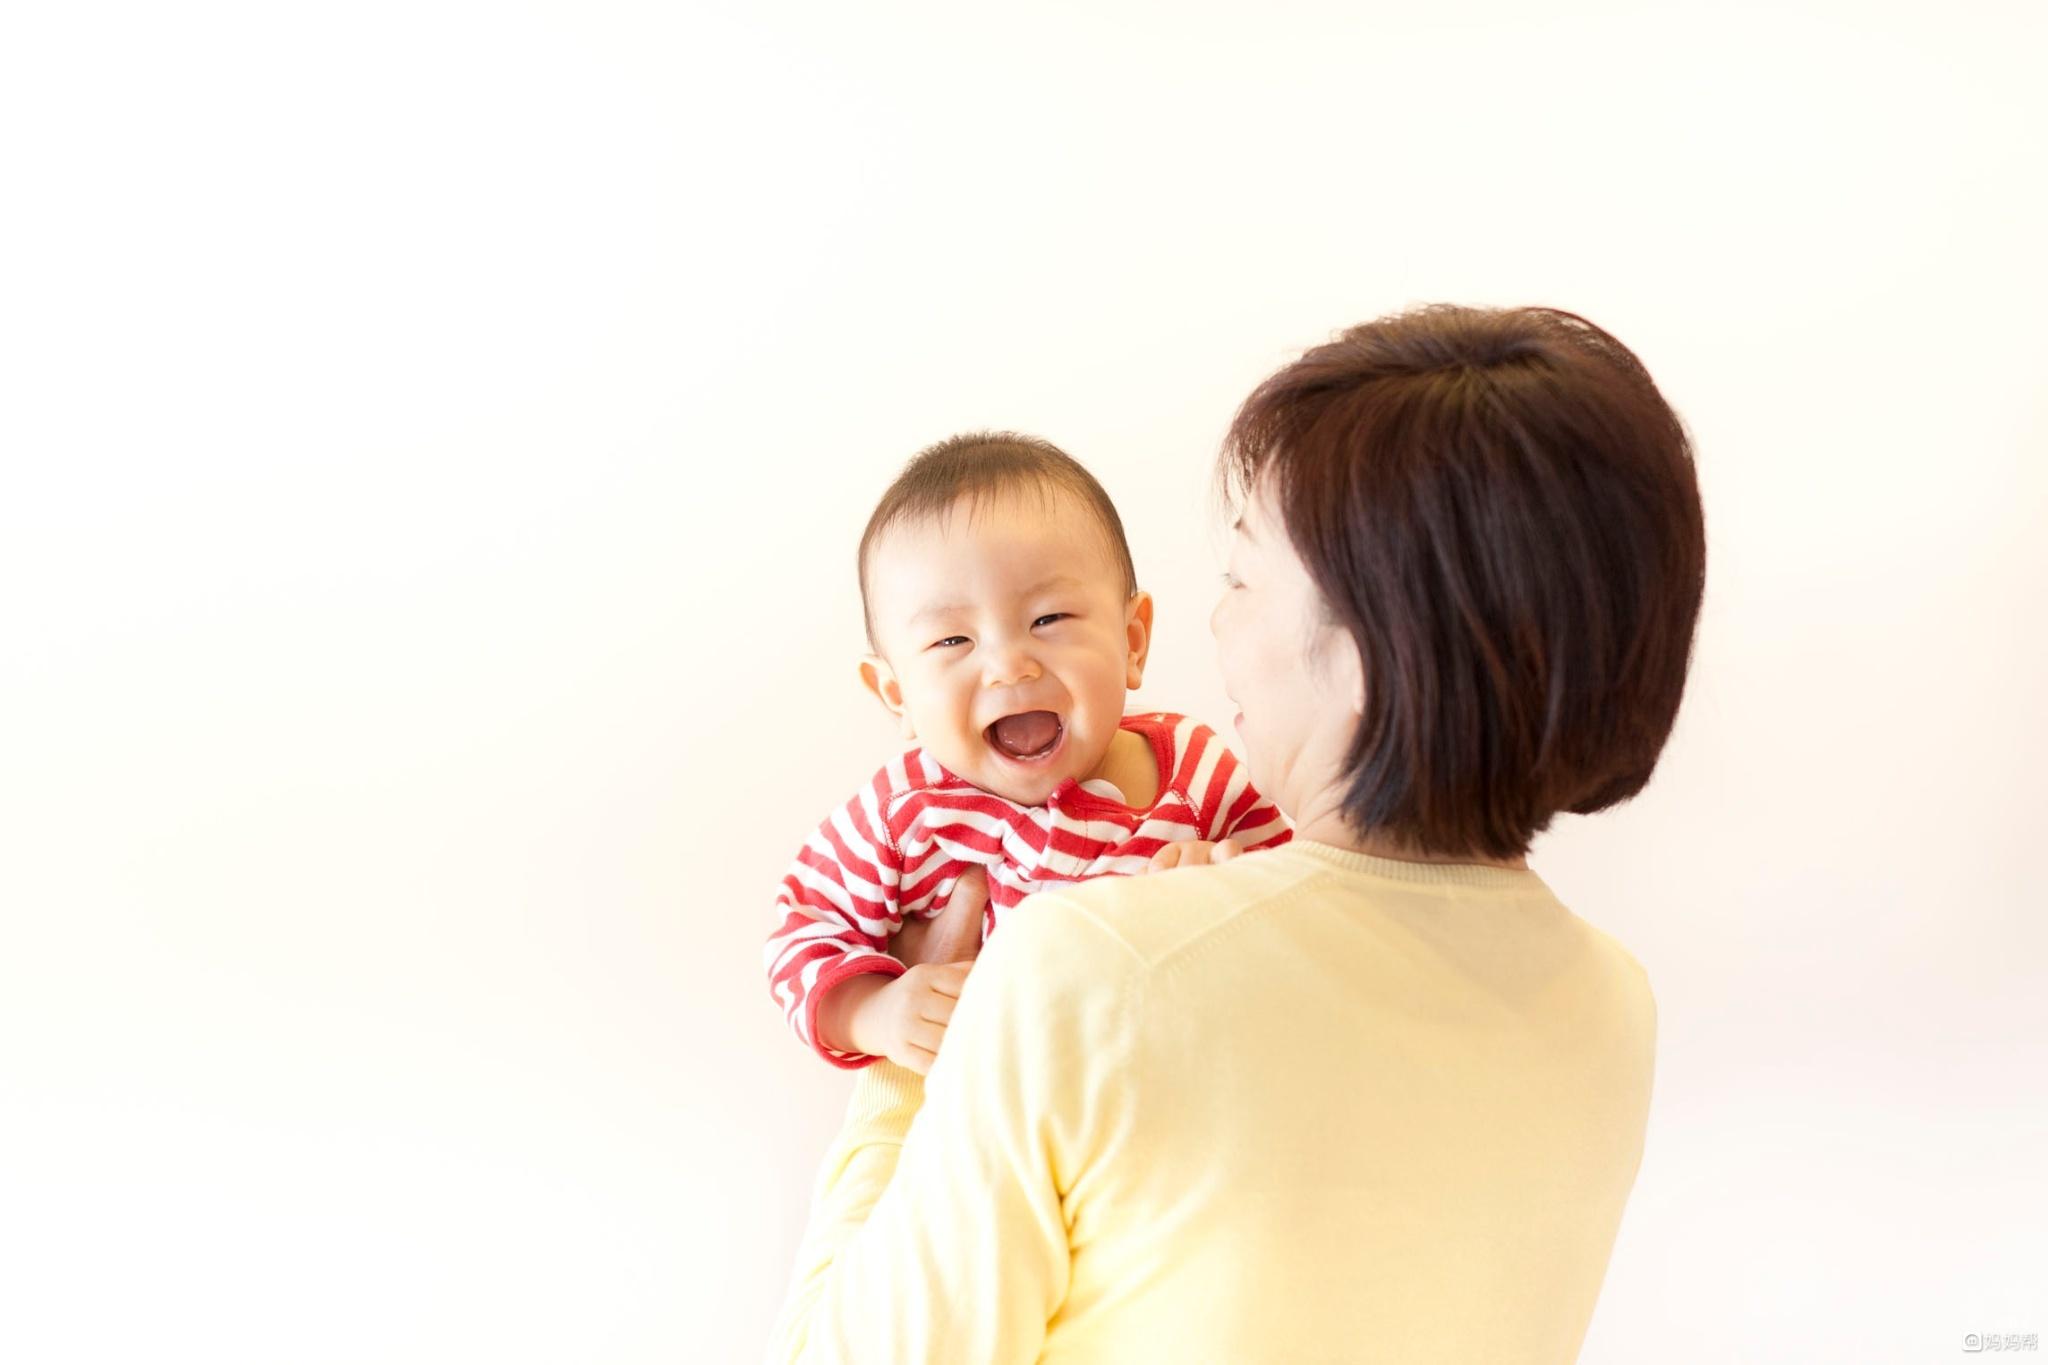 抱出来的问题  呆呆小小可爱的宝宝时常让妈妈抱在怀里舍不得放下